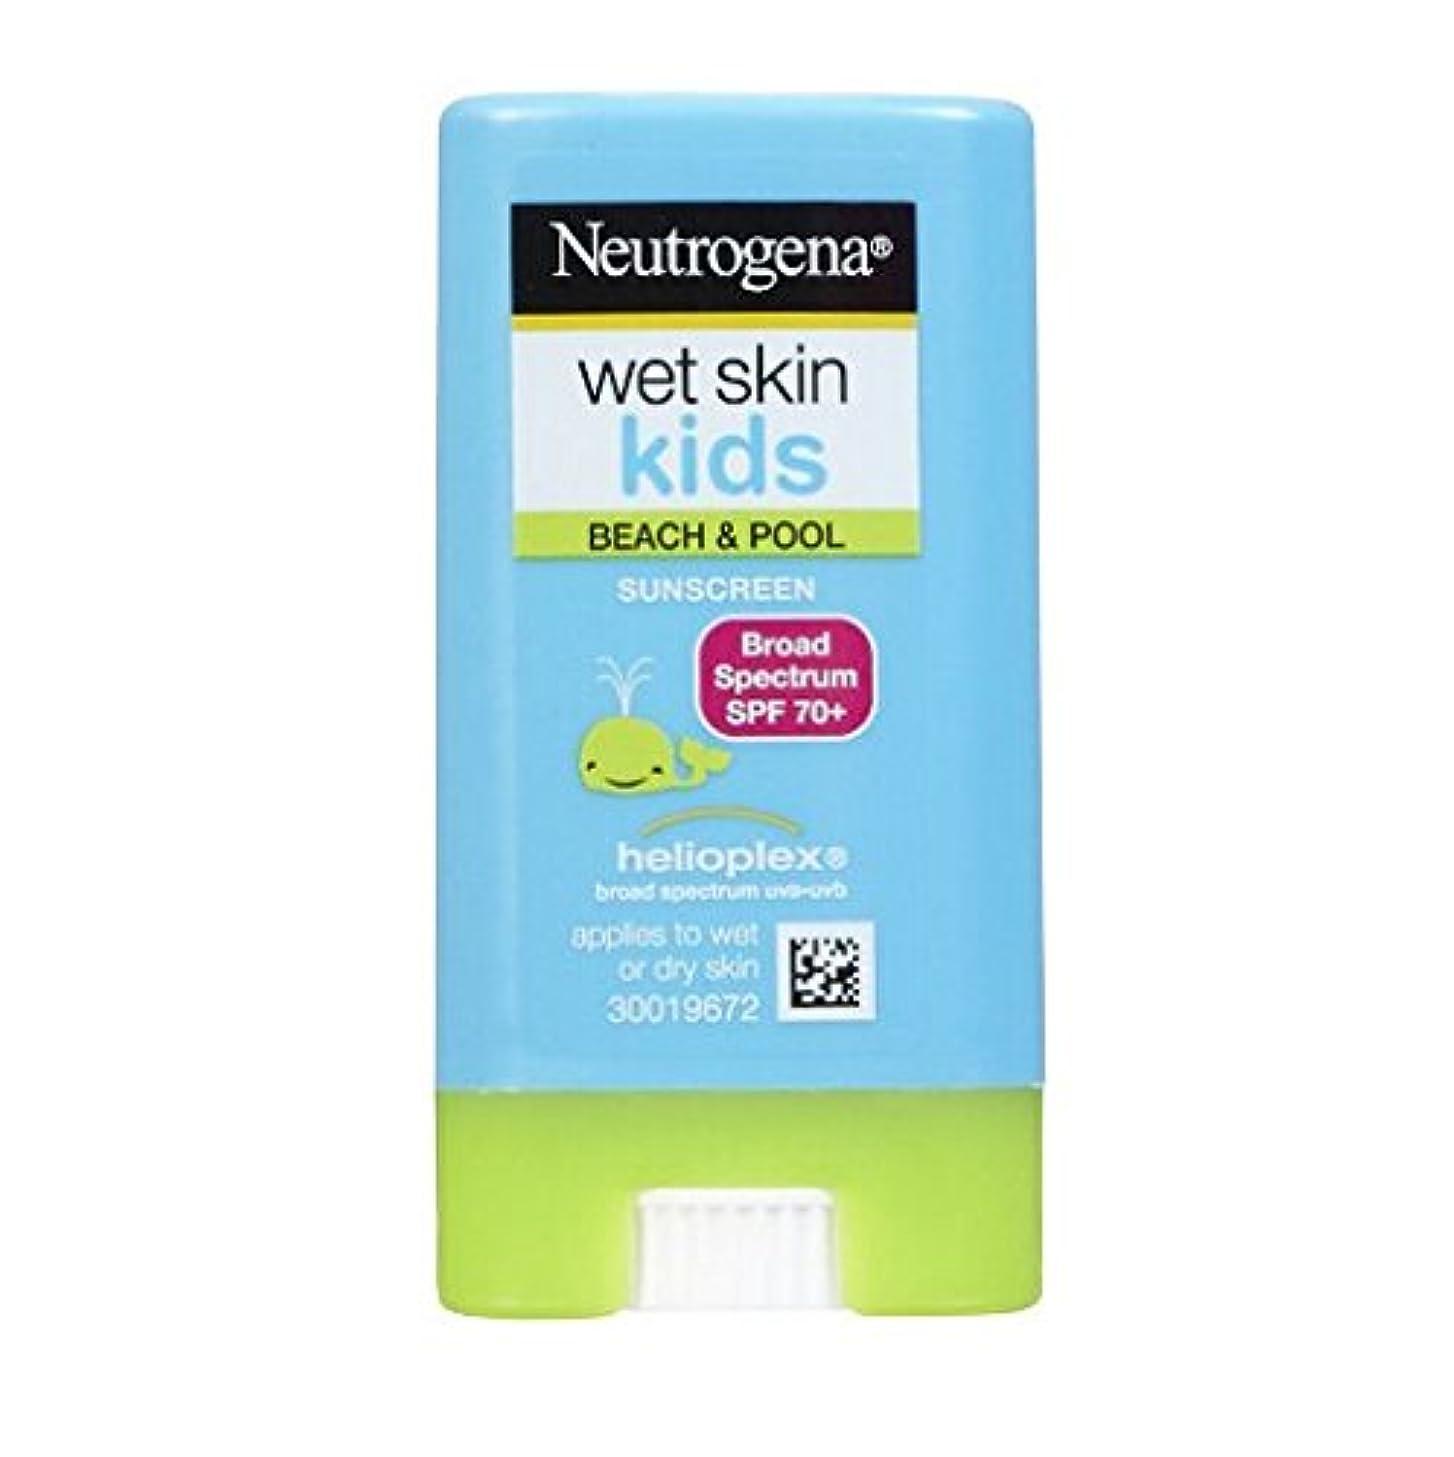 未使用留め金ステンレスニュートロジーナ サンスクリーン SPF70 小さな子にも塗りやすいスティックタイプ13g 100%ナチュラル処方 目にしみない日焼け止め 濡れた肌にもOK! ビーチやプールで大活躍 アメリカの皮膚科医が一番に勧めるサンスクリーン Neutrogena Wet Skin Kids Beach & Pool Sunscreen Stick Broad Spectrum SPF 70, .47 oz [並行輸入品]